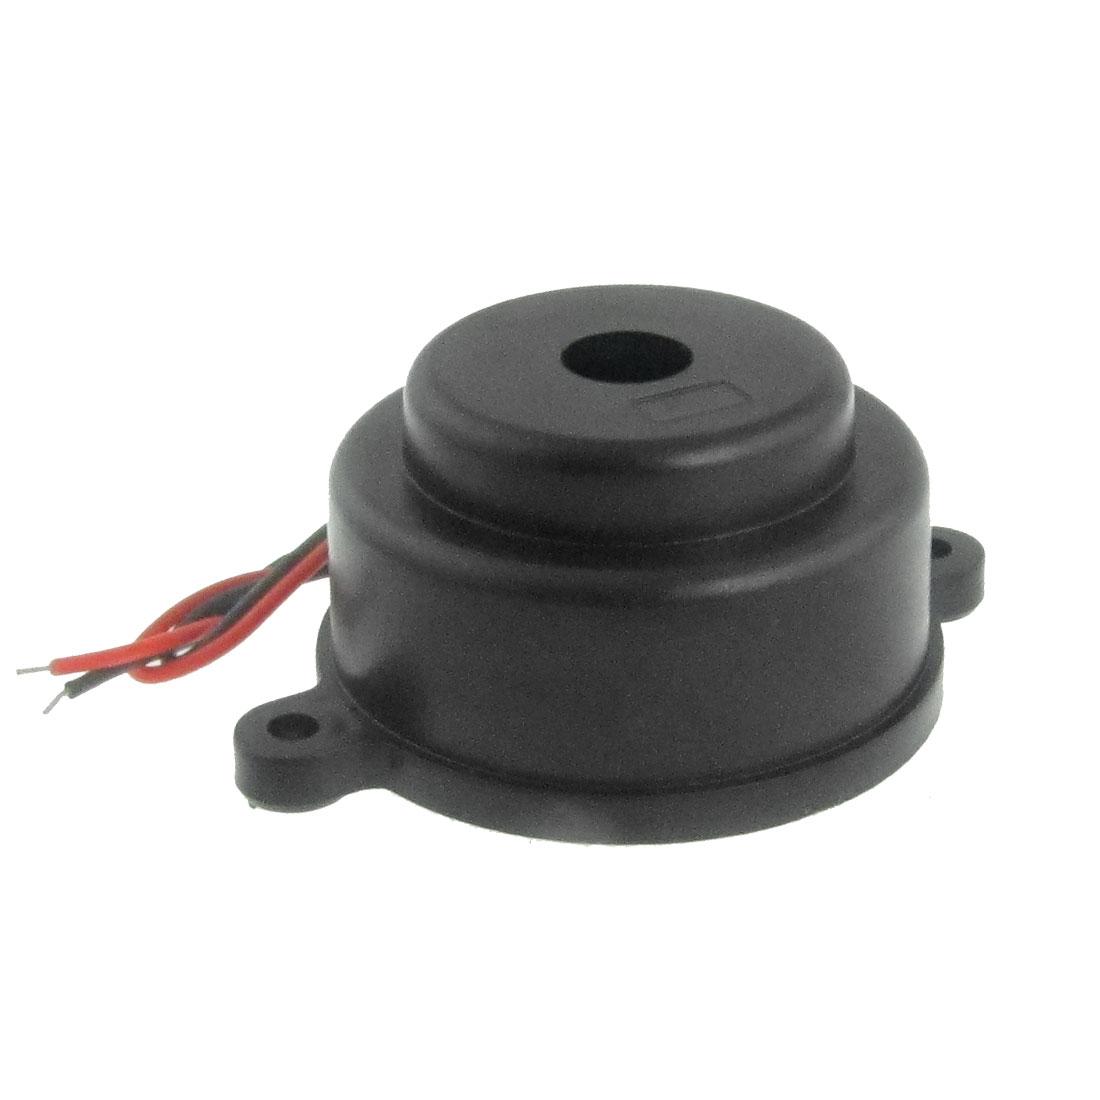 LZQ-3022 DC 24V 2 Wire Industrial Electronic Alarm Sound Buzzer 80dB